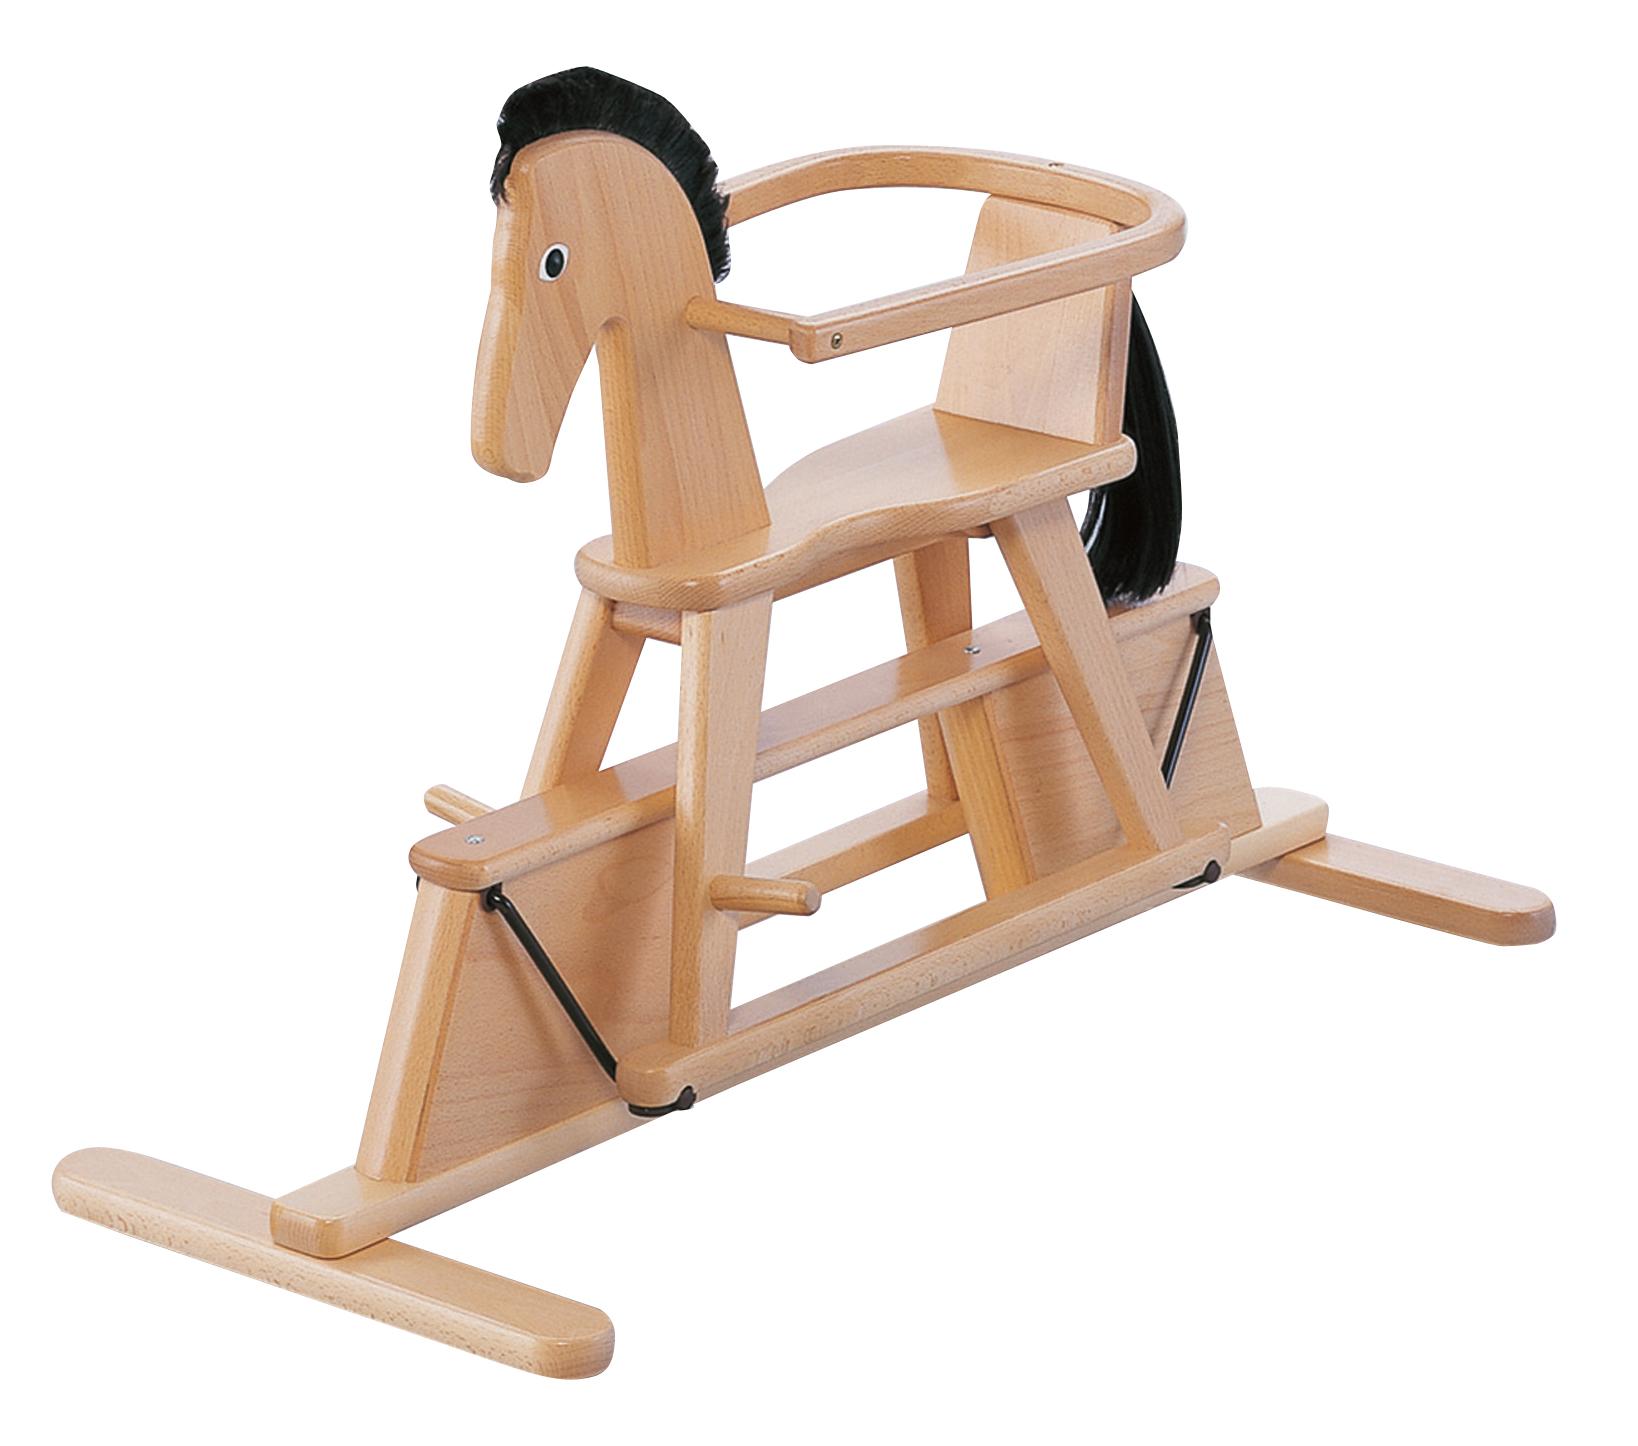 geuther schaukelpferd swingly stern natur baby fachmarkt f r babyausstattung gmbh. Black Bedroom Furniture Sets. Home Design Ideas